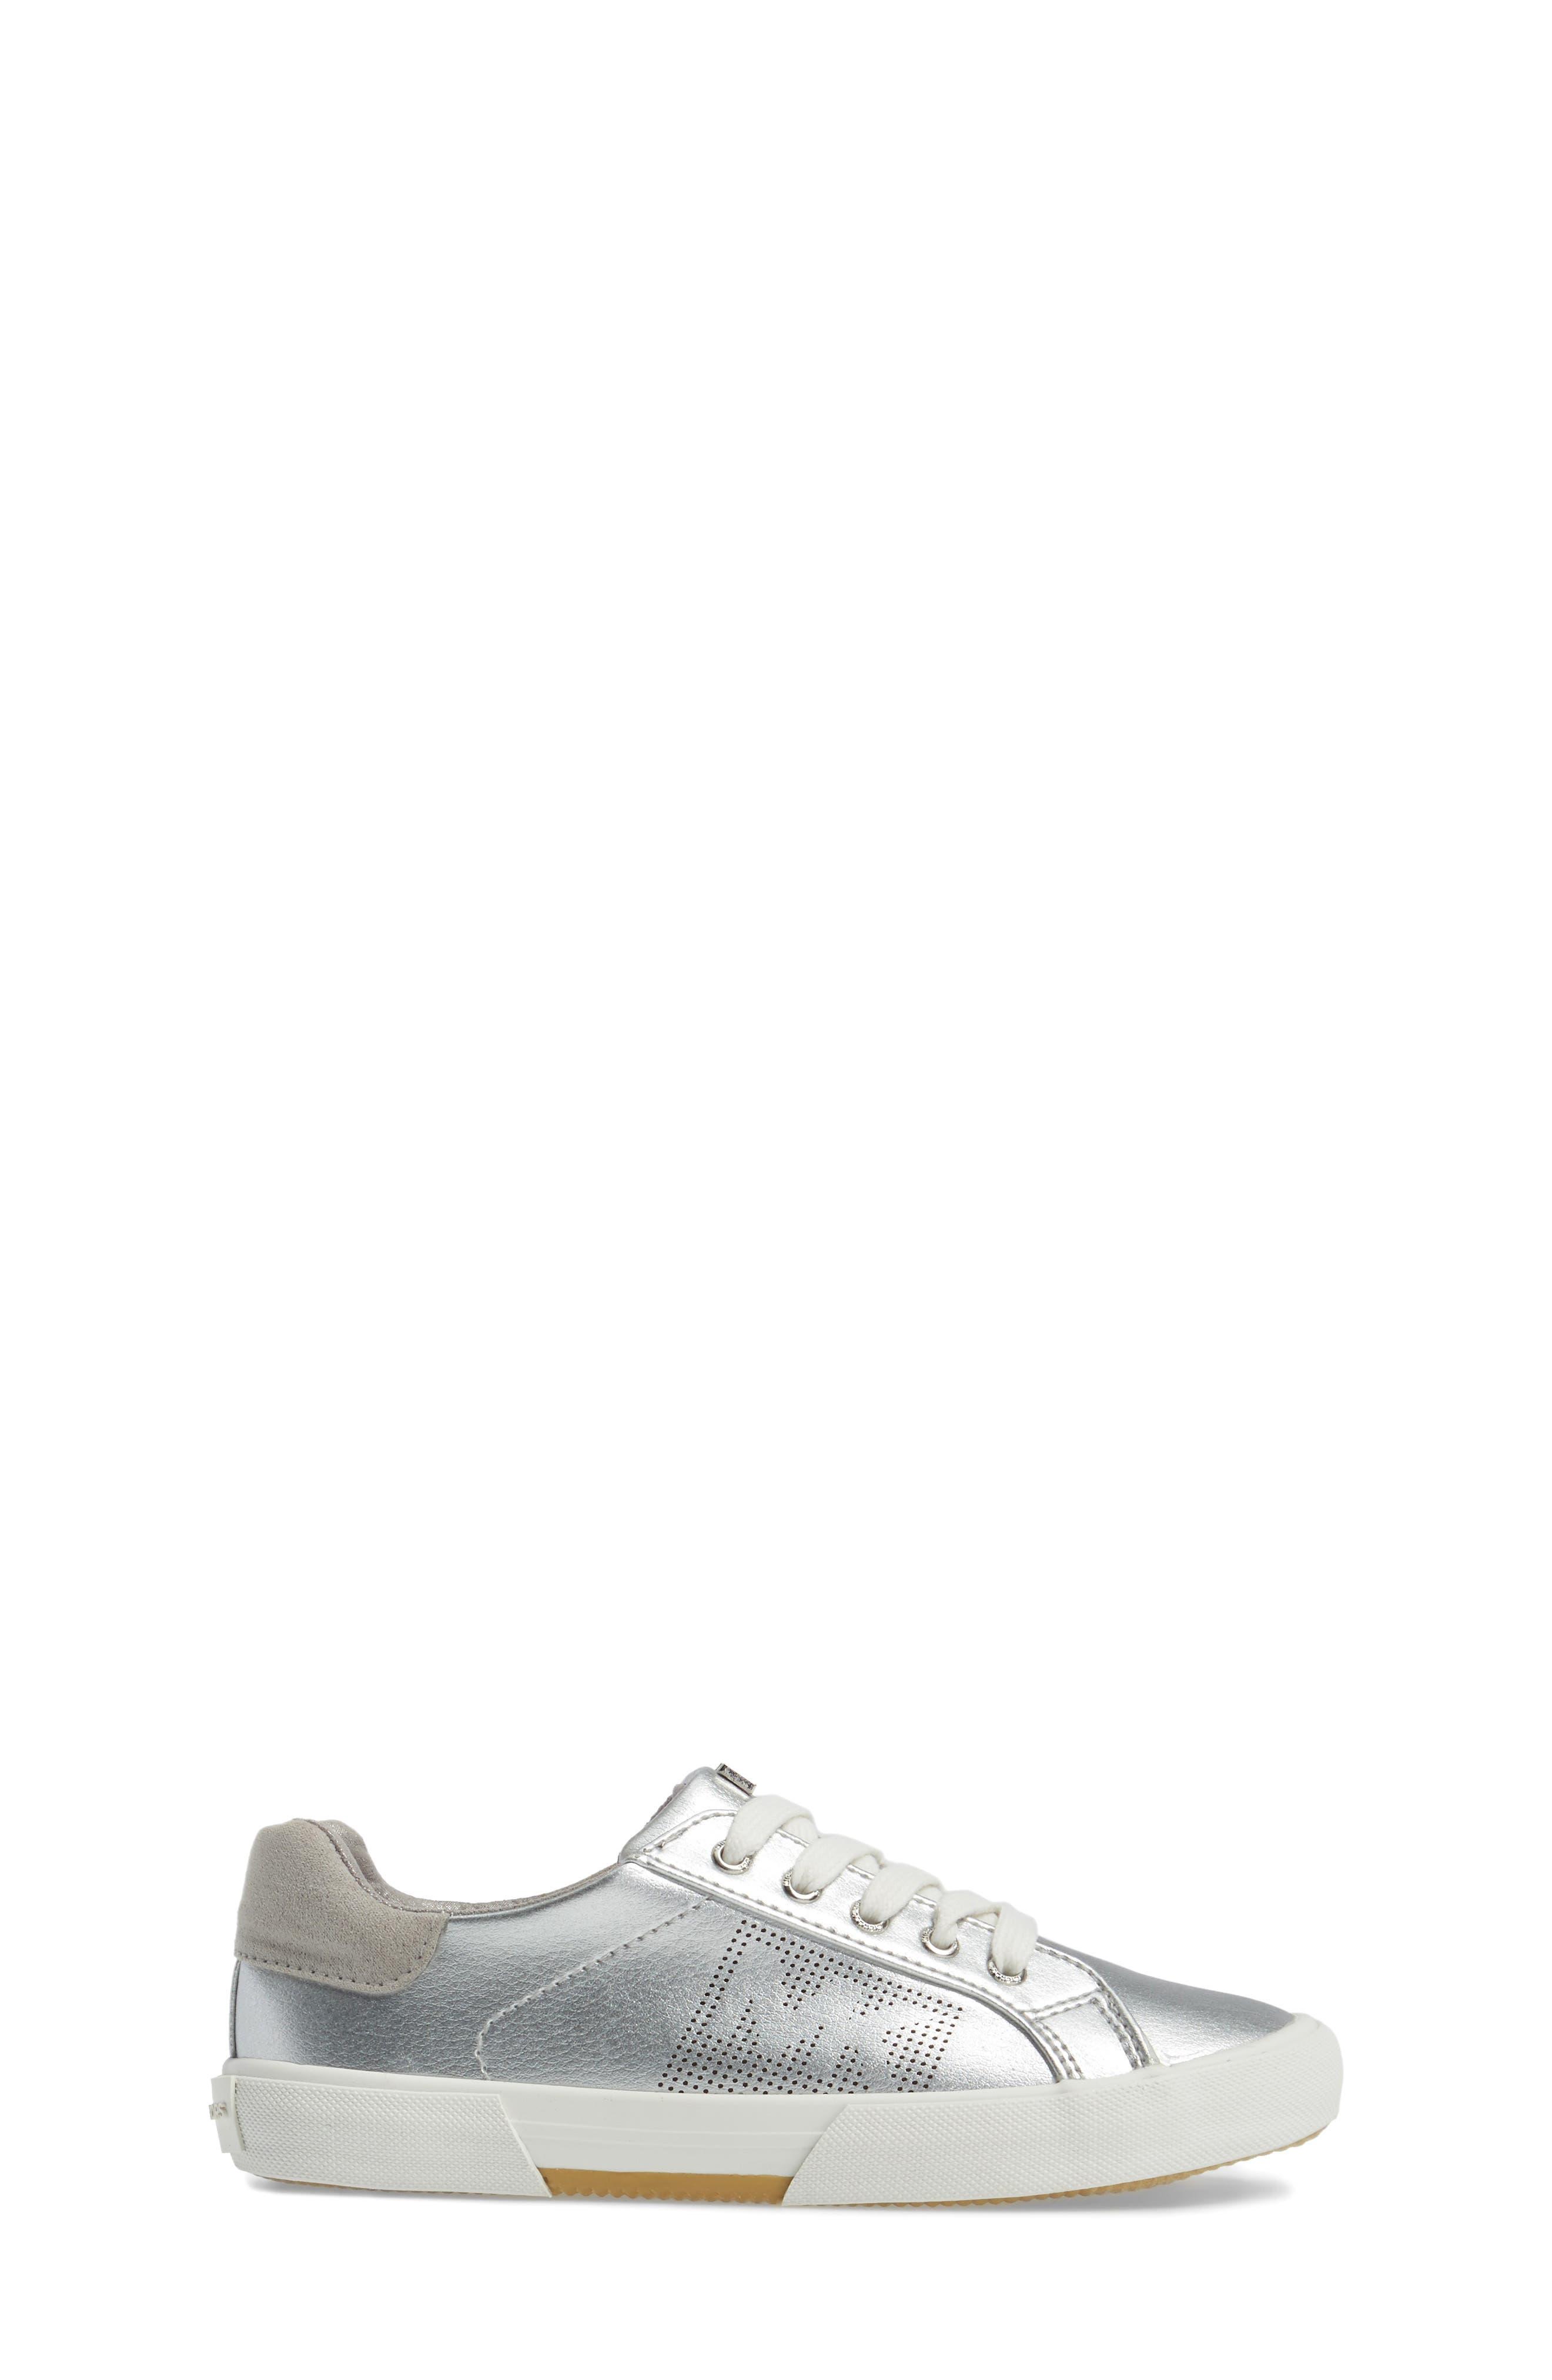 Ima Court Sneaker,                             Alternate thumbnail 3, color,                             040